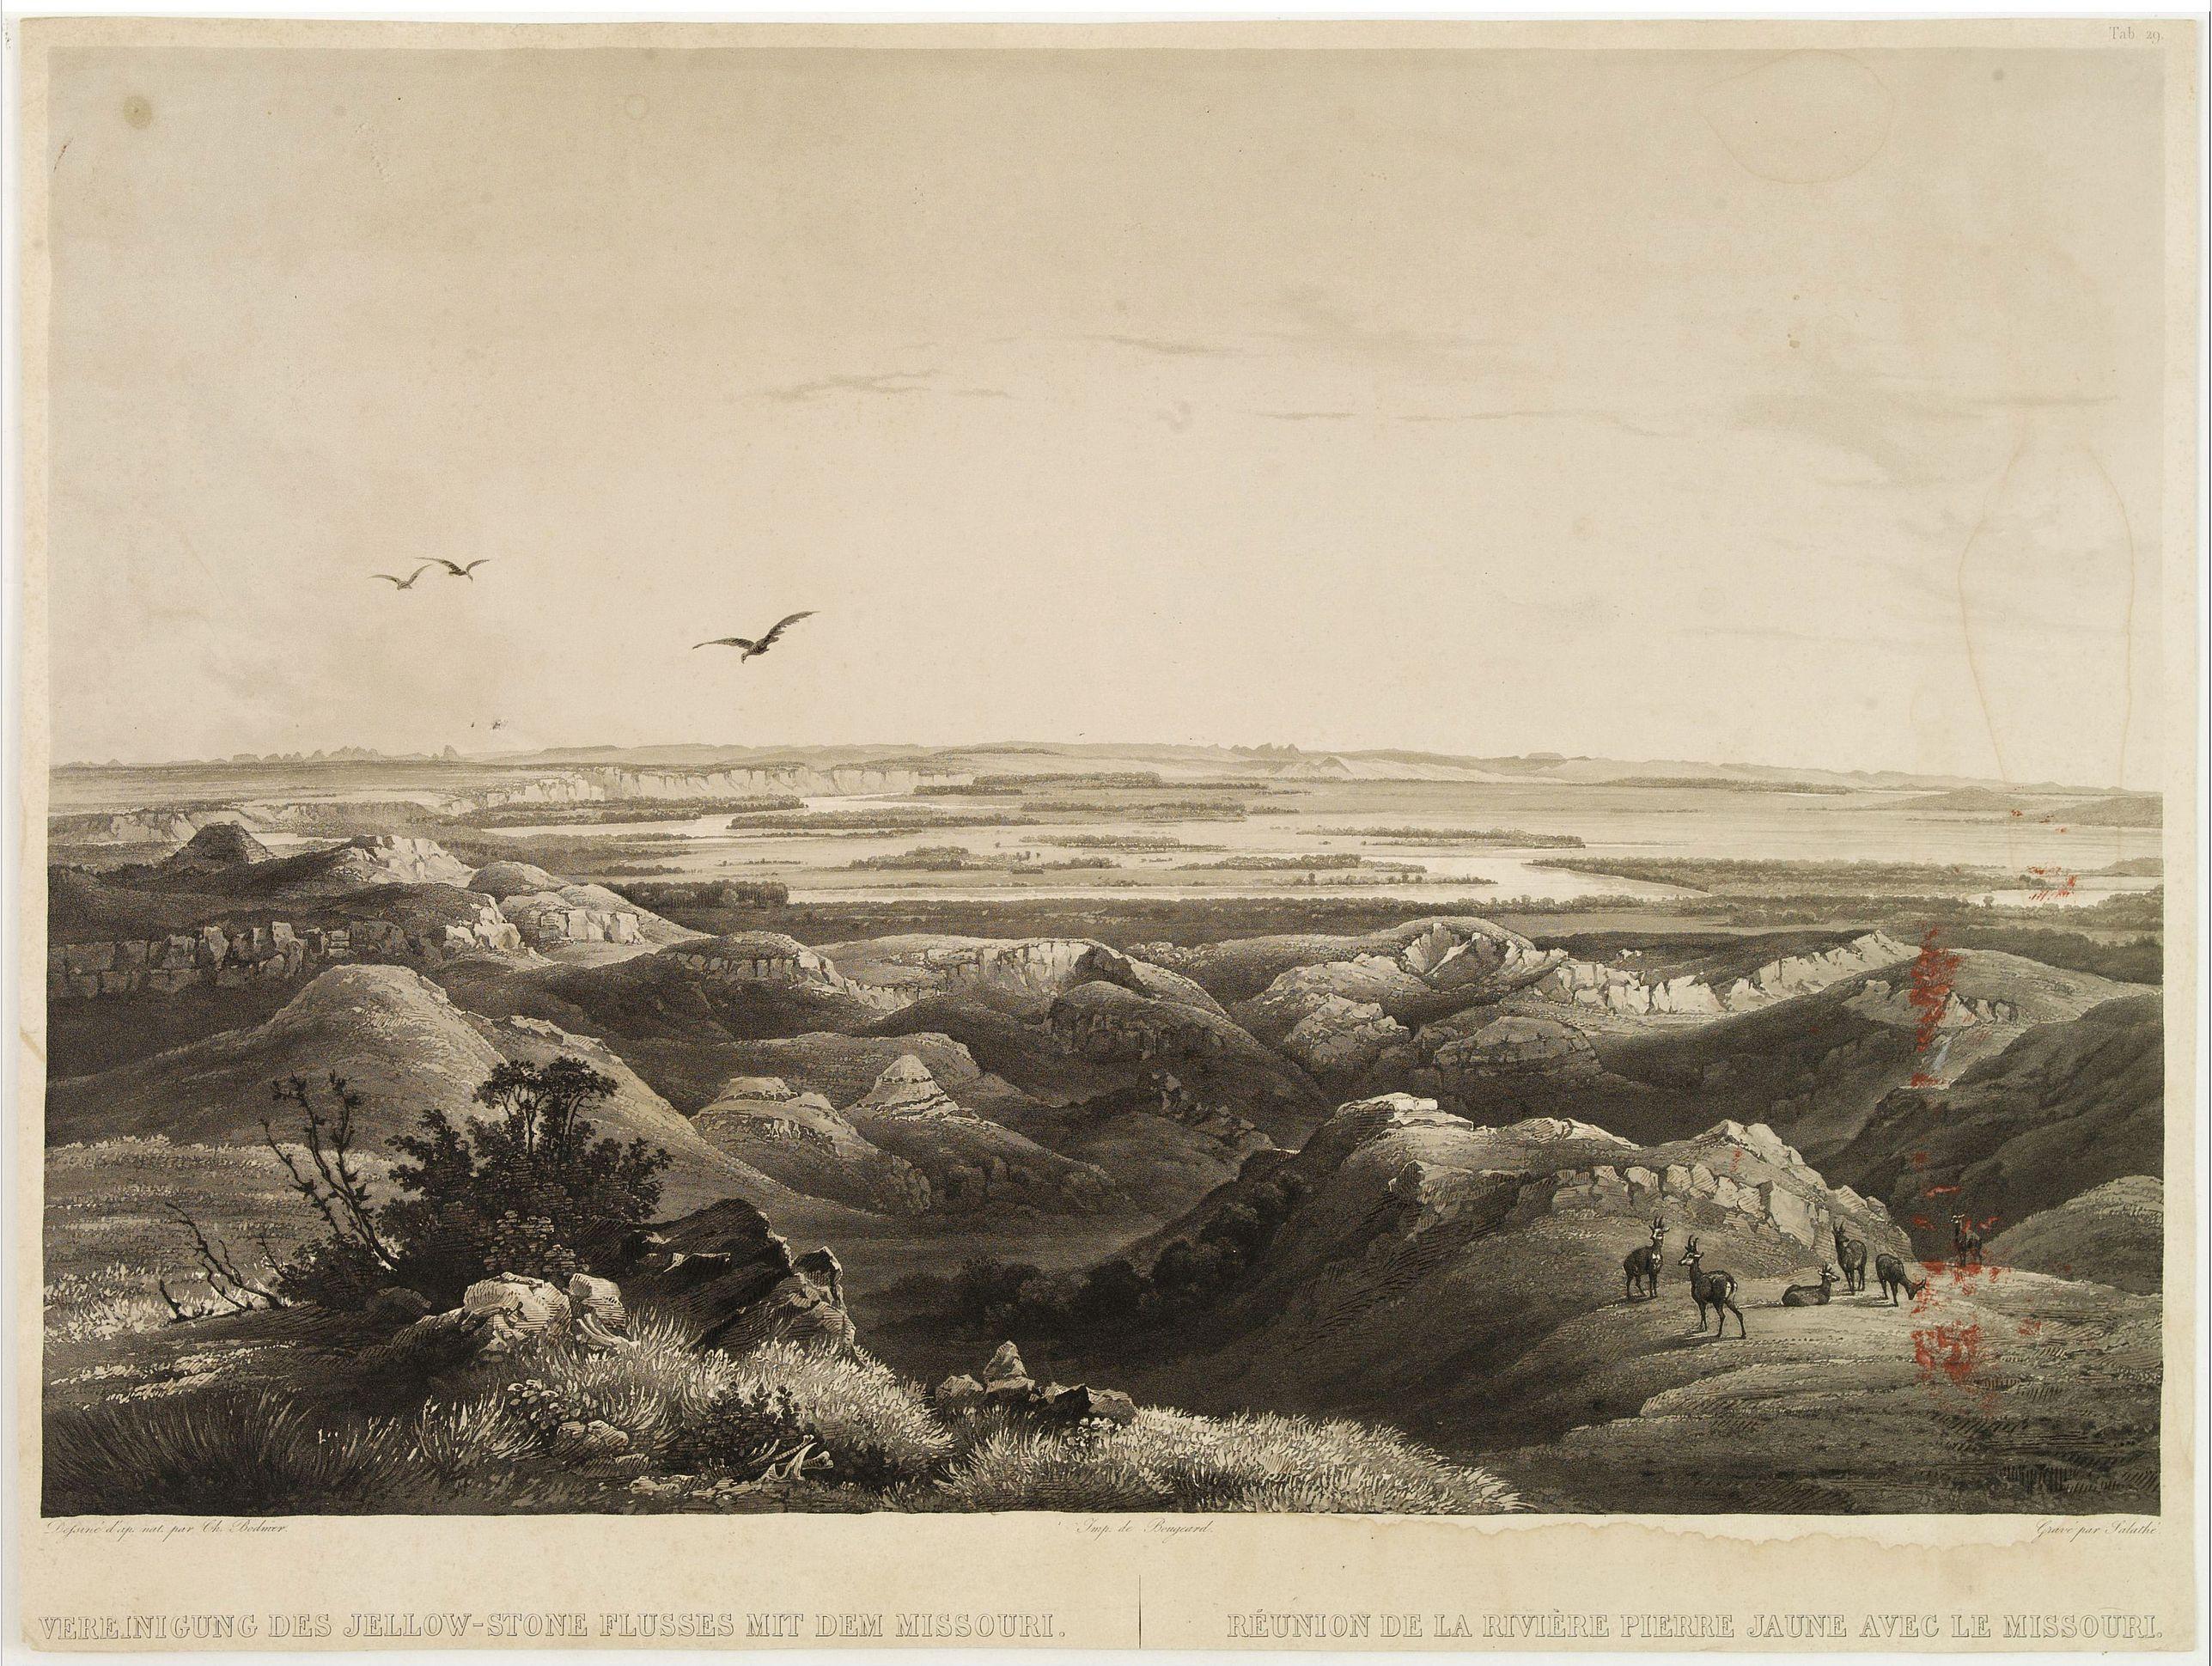 BODMER, Karl -  Réunion de la riviere Pierre Jaune avec le Missouri.